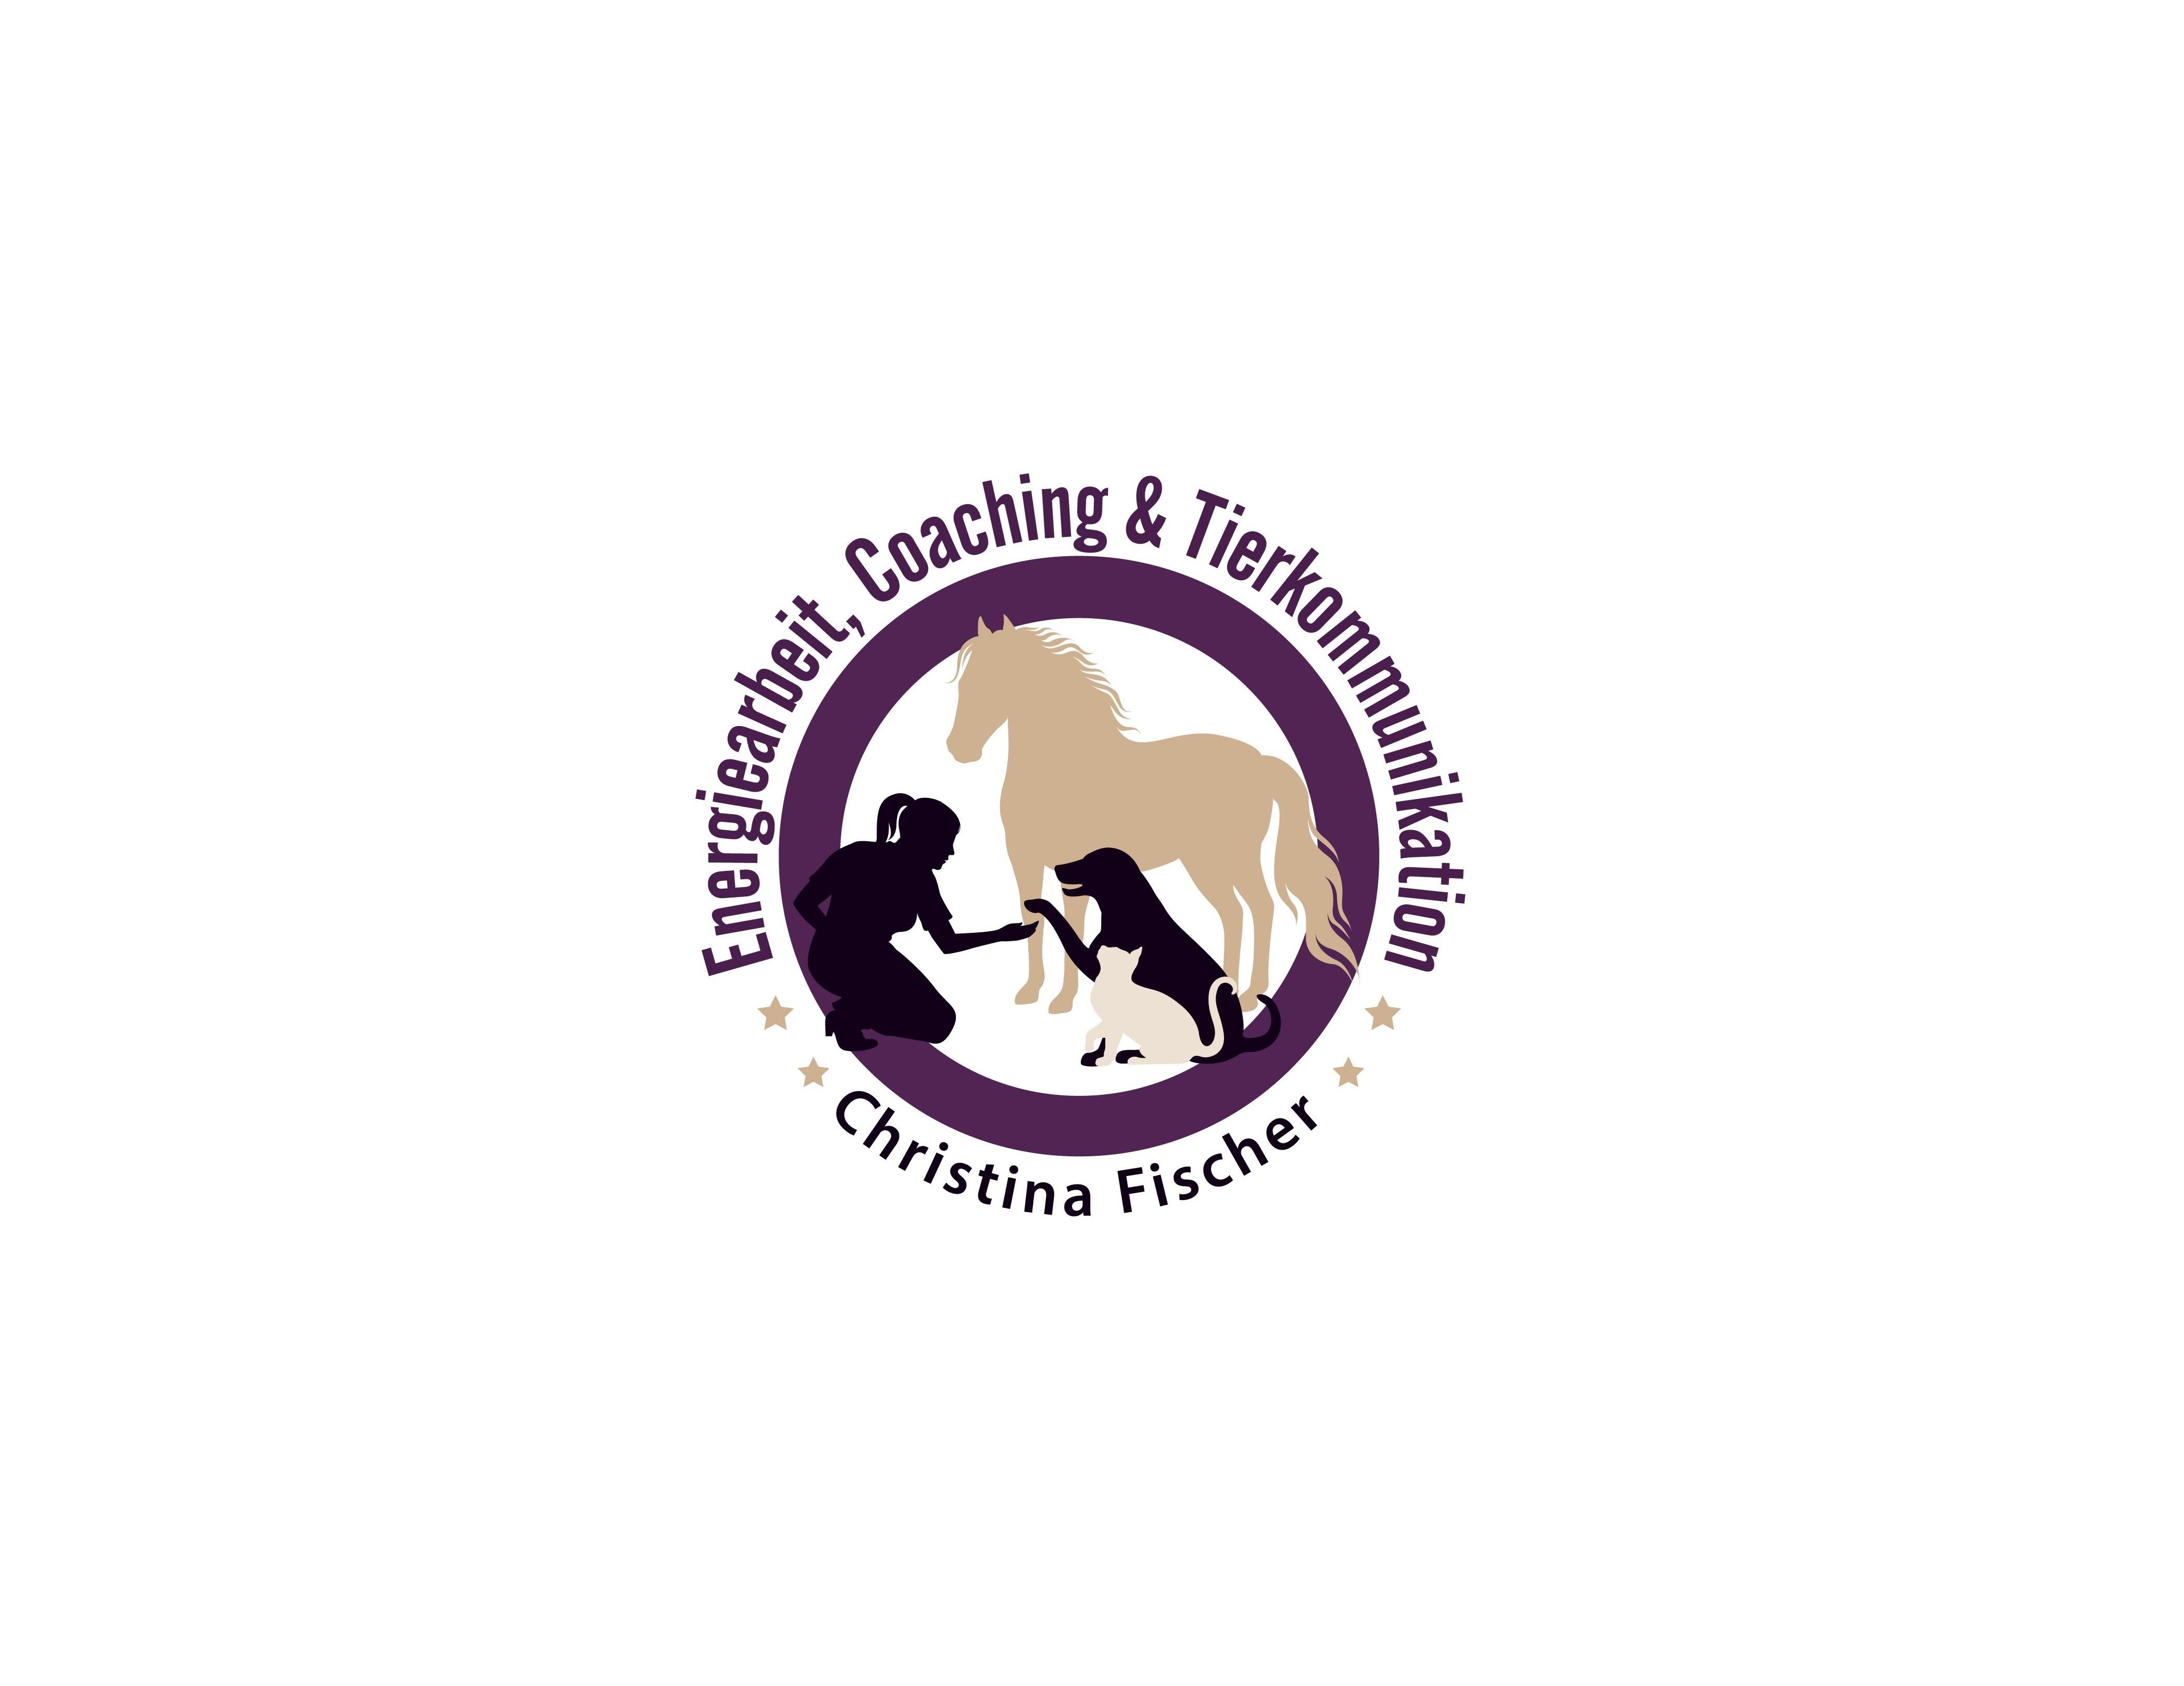 Energiearbeit, Coaching & Tierkommunikation Christina Fischer